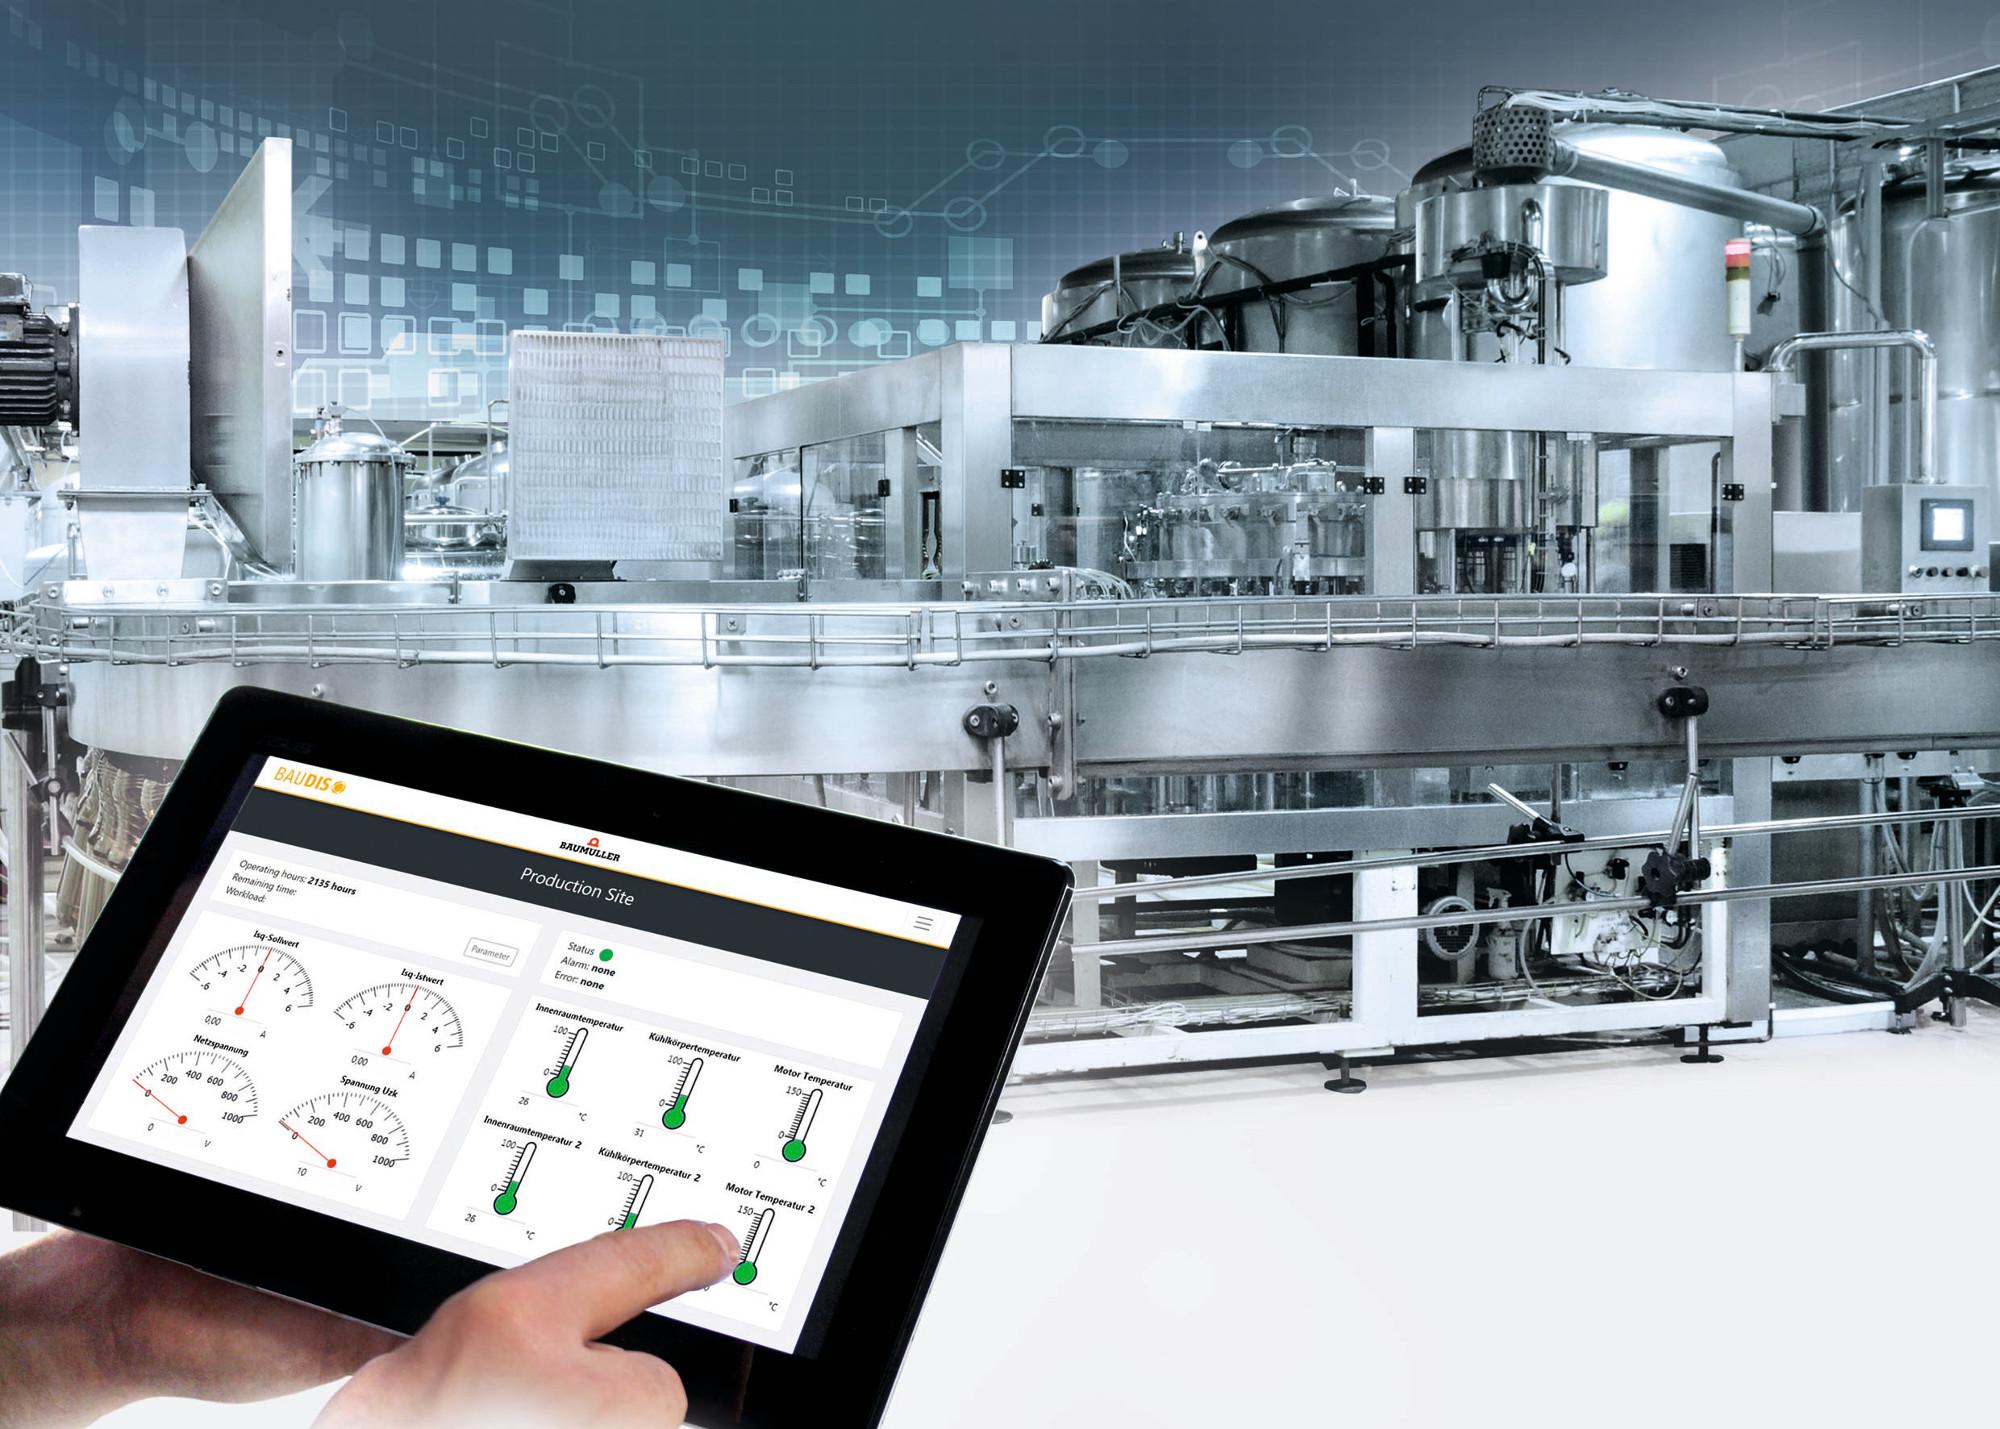 Produktionsoptimierung mit BAUDIS IoT: Kontinuierliche Erfassung von Antriebs- und Prozessdaten aus verschiedenen Produktionslinien weltweit.